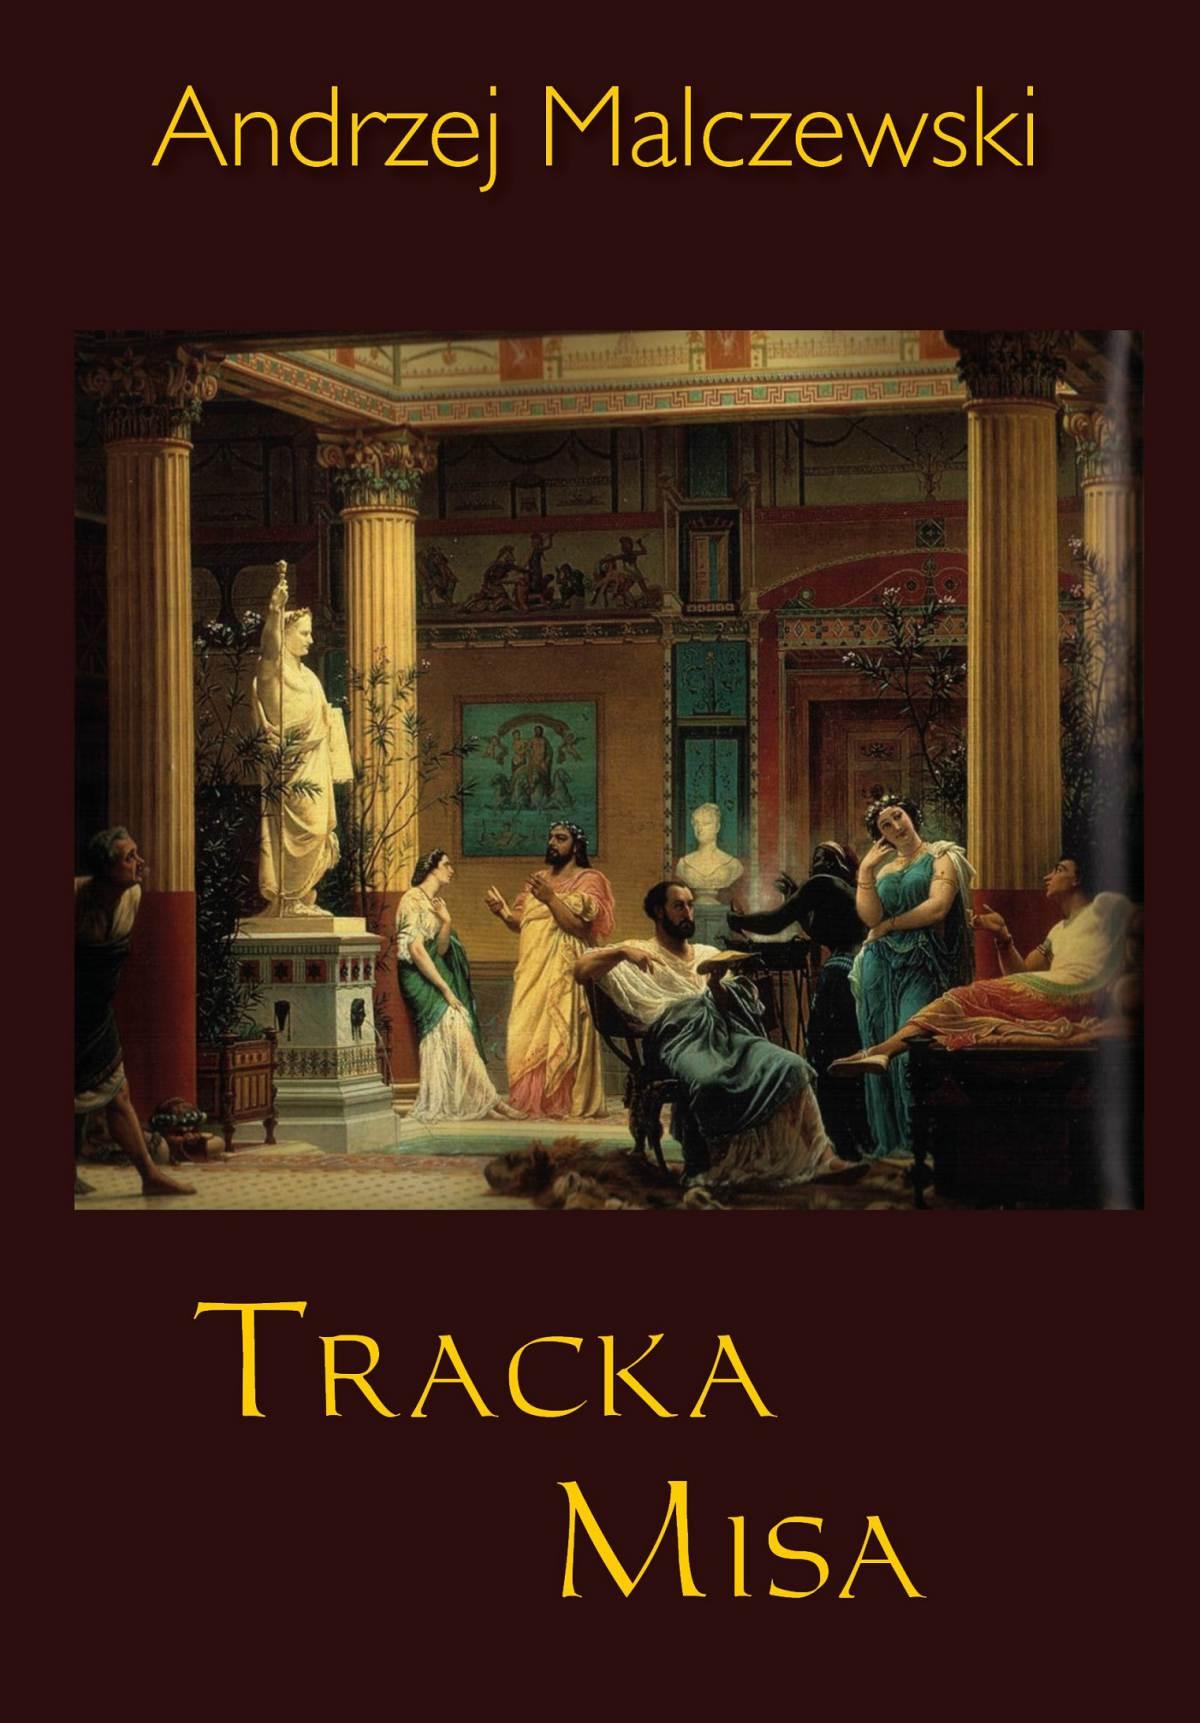 Tracka misa - Ebook (Książka PDF) do pobrania w formacie PDF